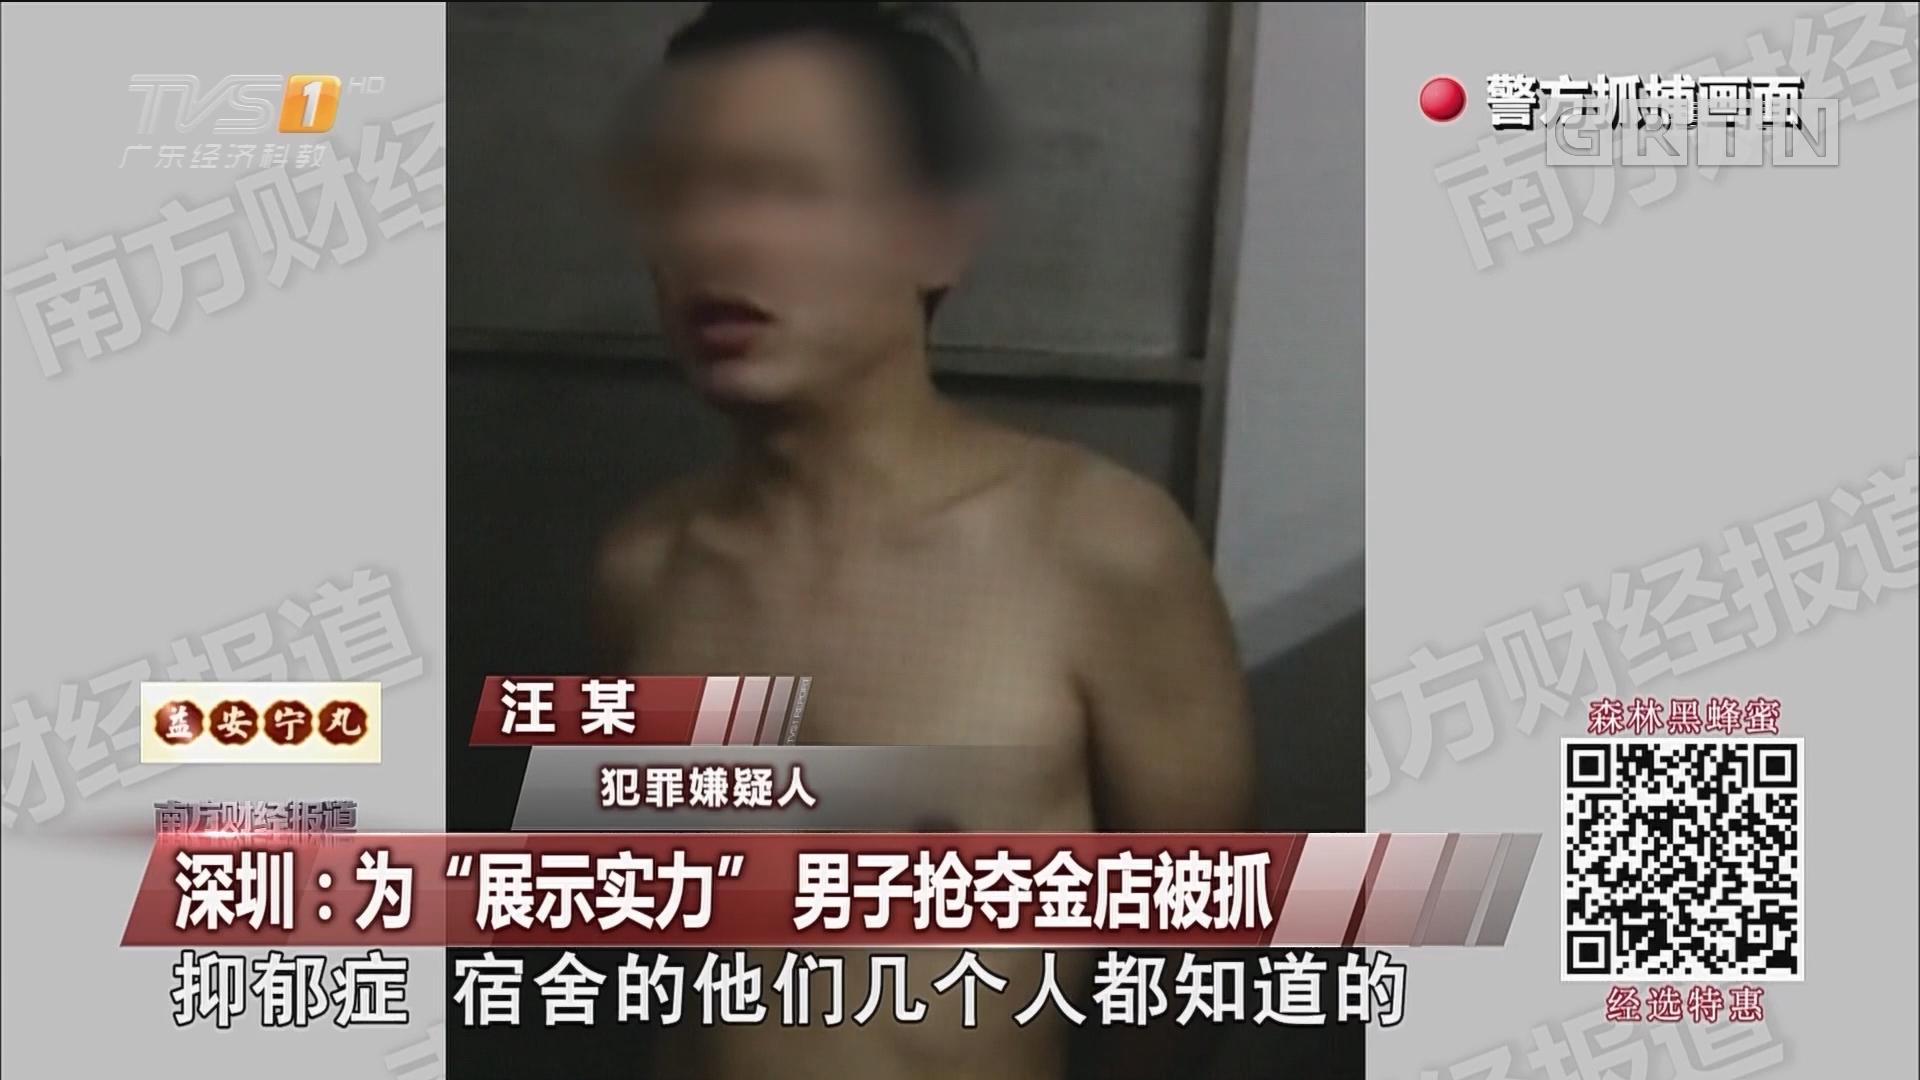 """深圳:为""""展示实力"""" 男子抢夺金店被抓"""